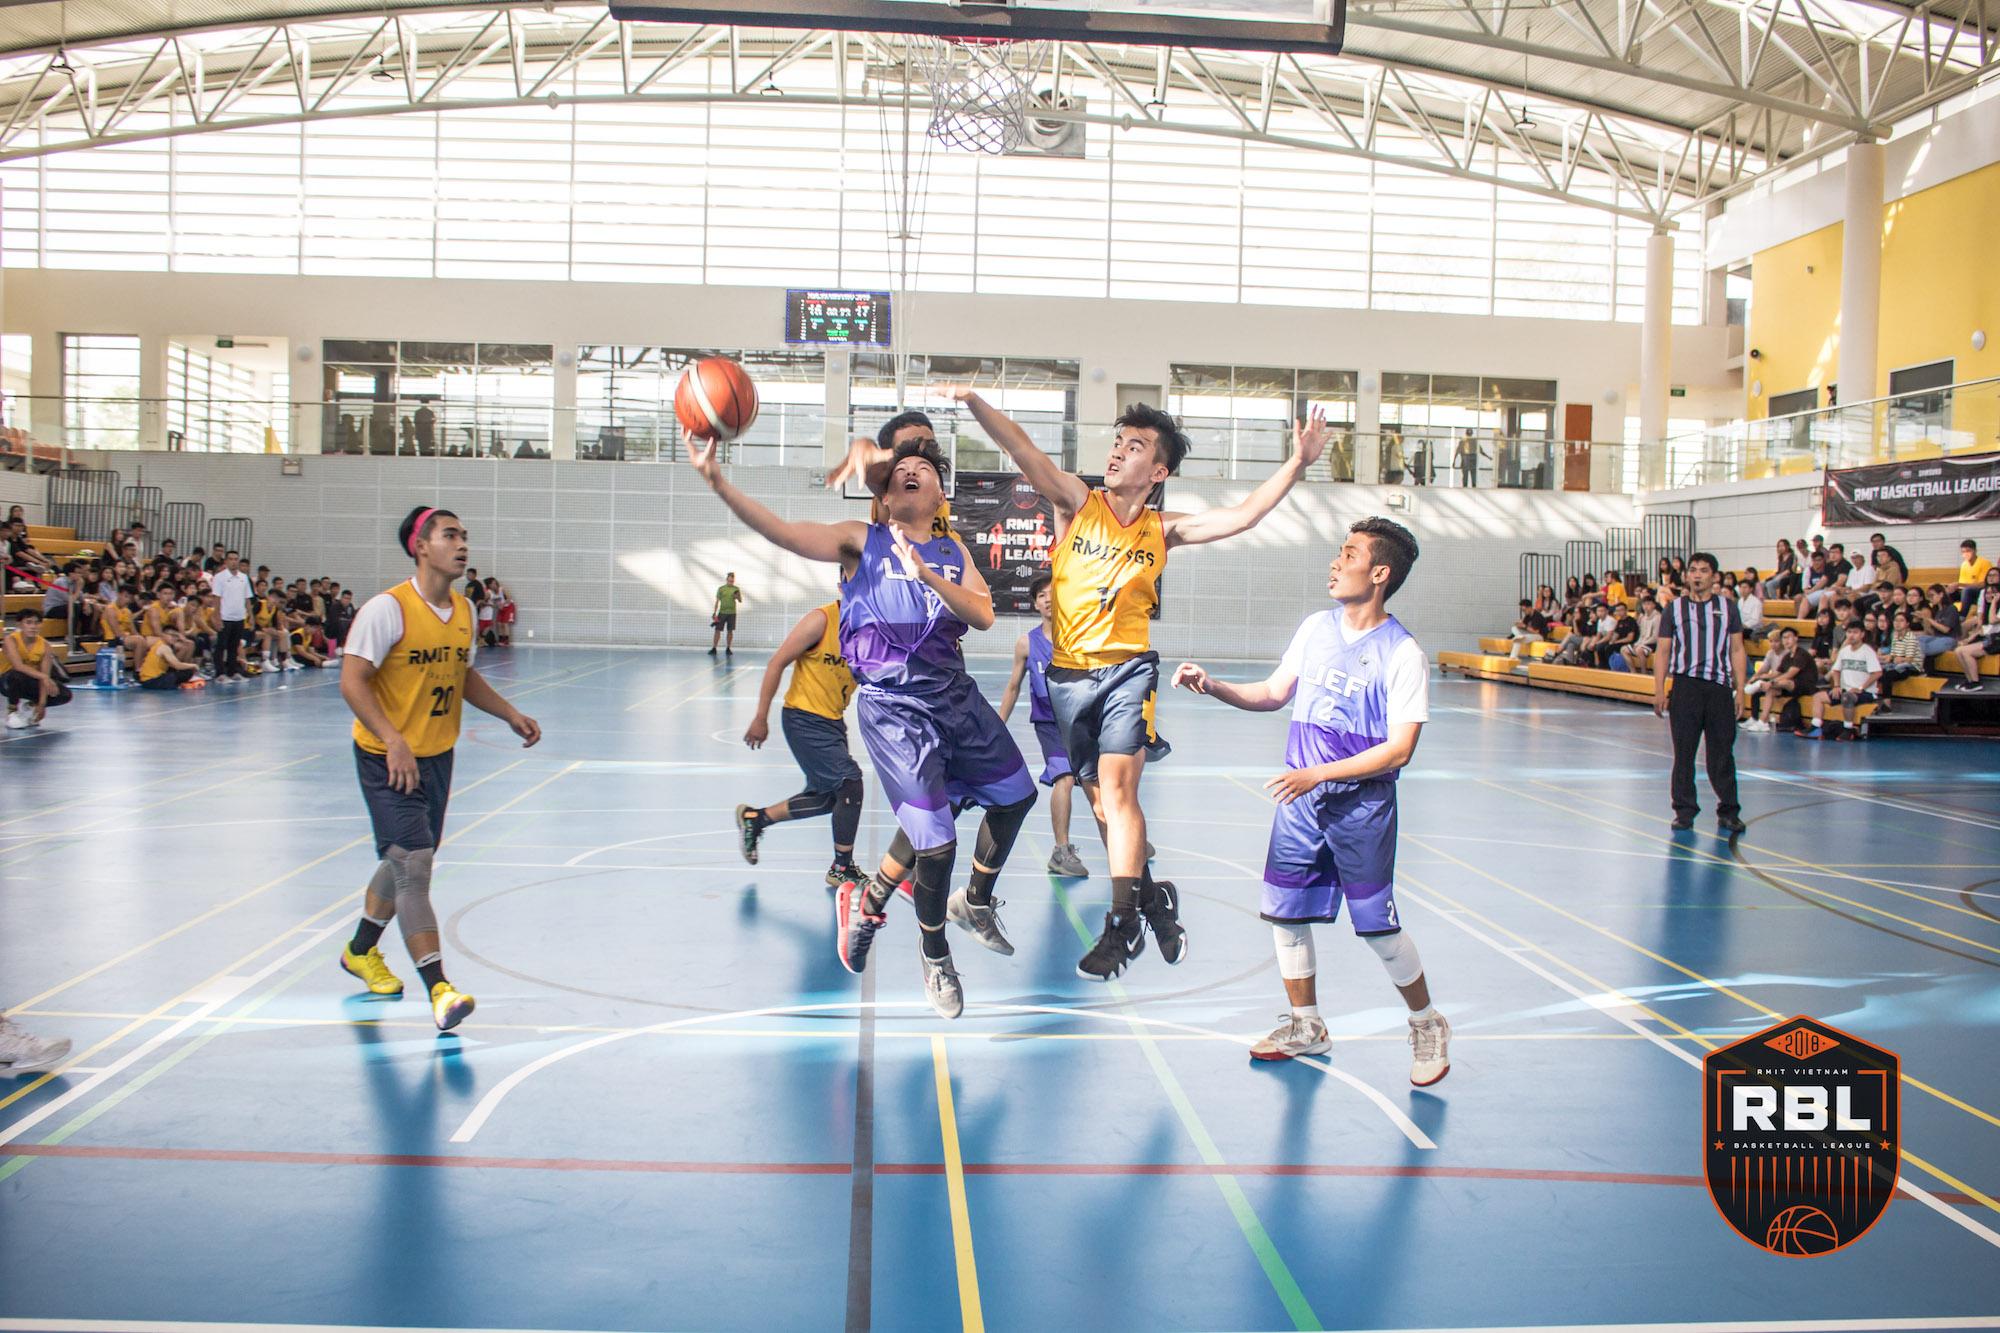 Đội chủ nhà RMIT thắng đậm tại lễ khai mạc giải bóng rổ truyền thống hàng năm - Ảnh 5.